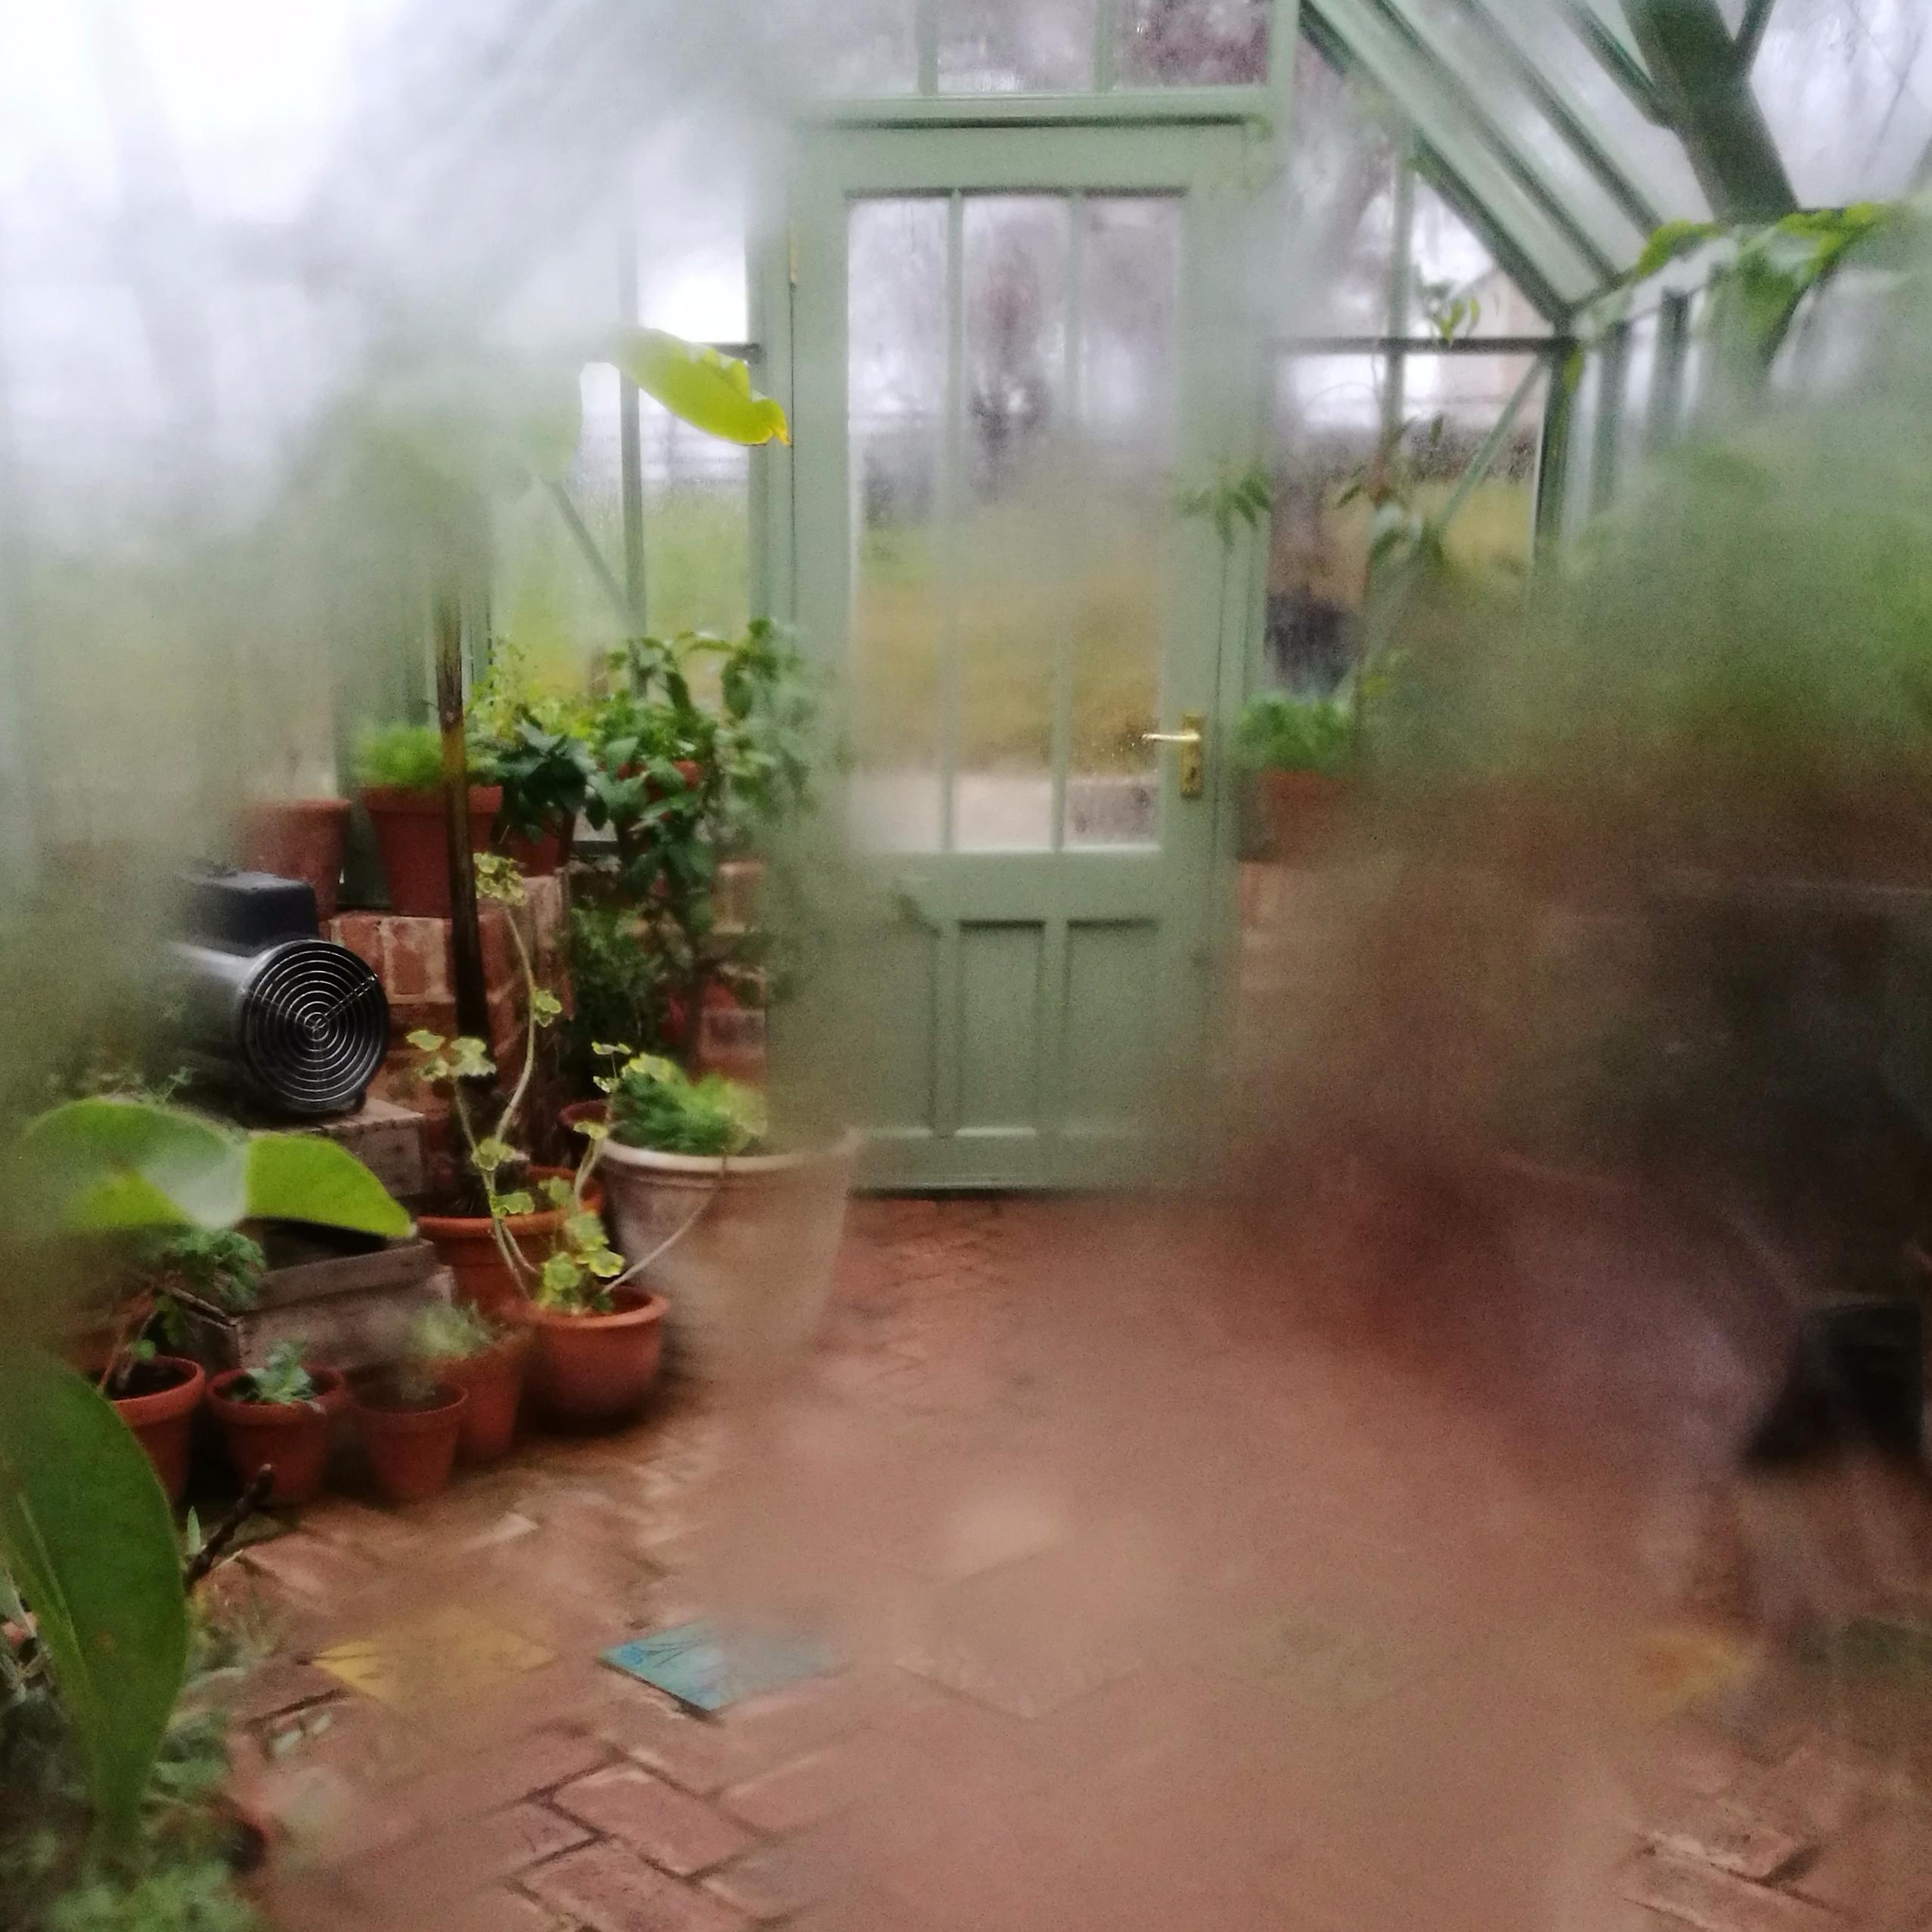 rain streaked windows greenhous - estelleclarke | ello